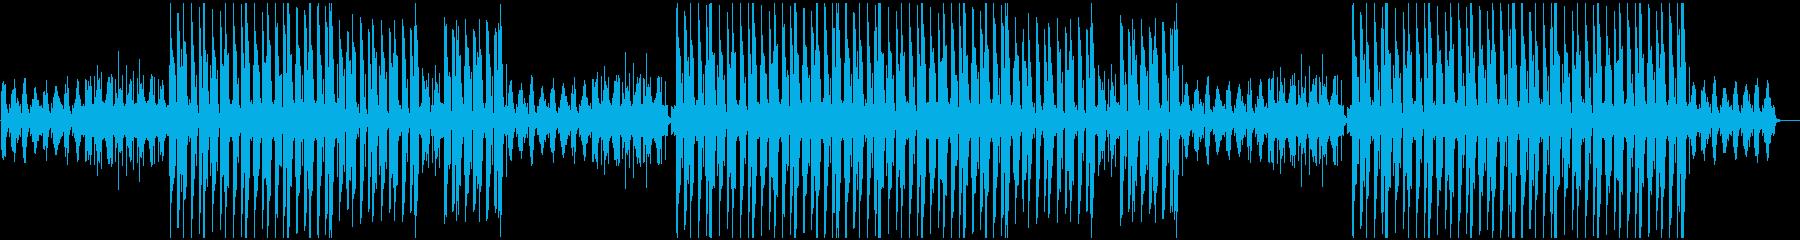 切ないエモーショナルnヒップホップビートの再生済みの波形